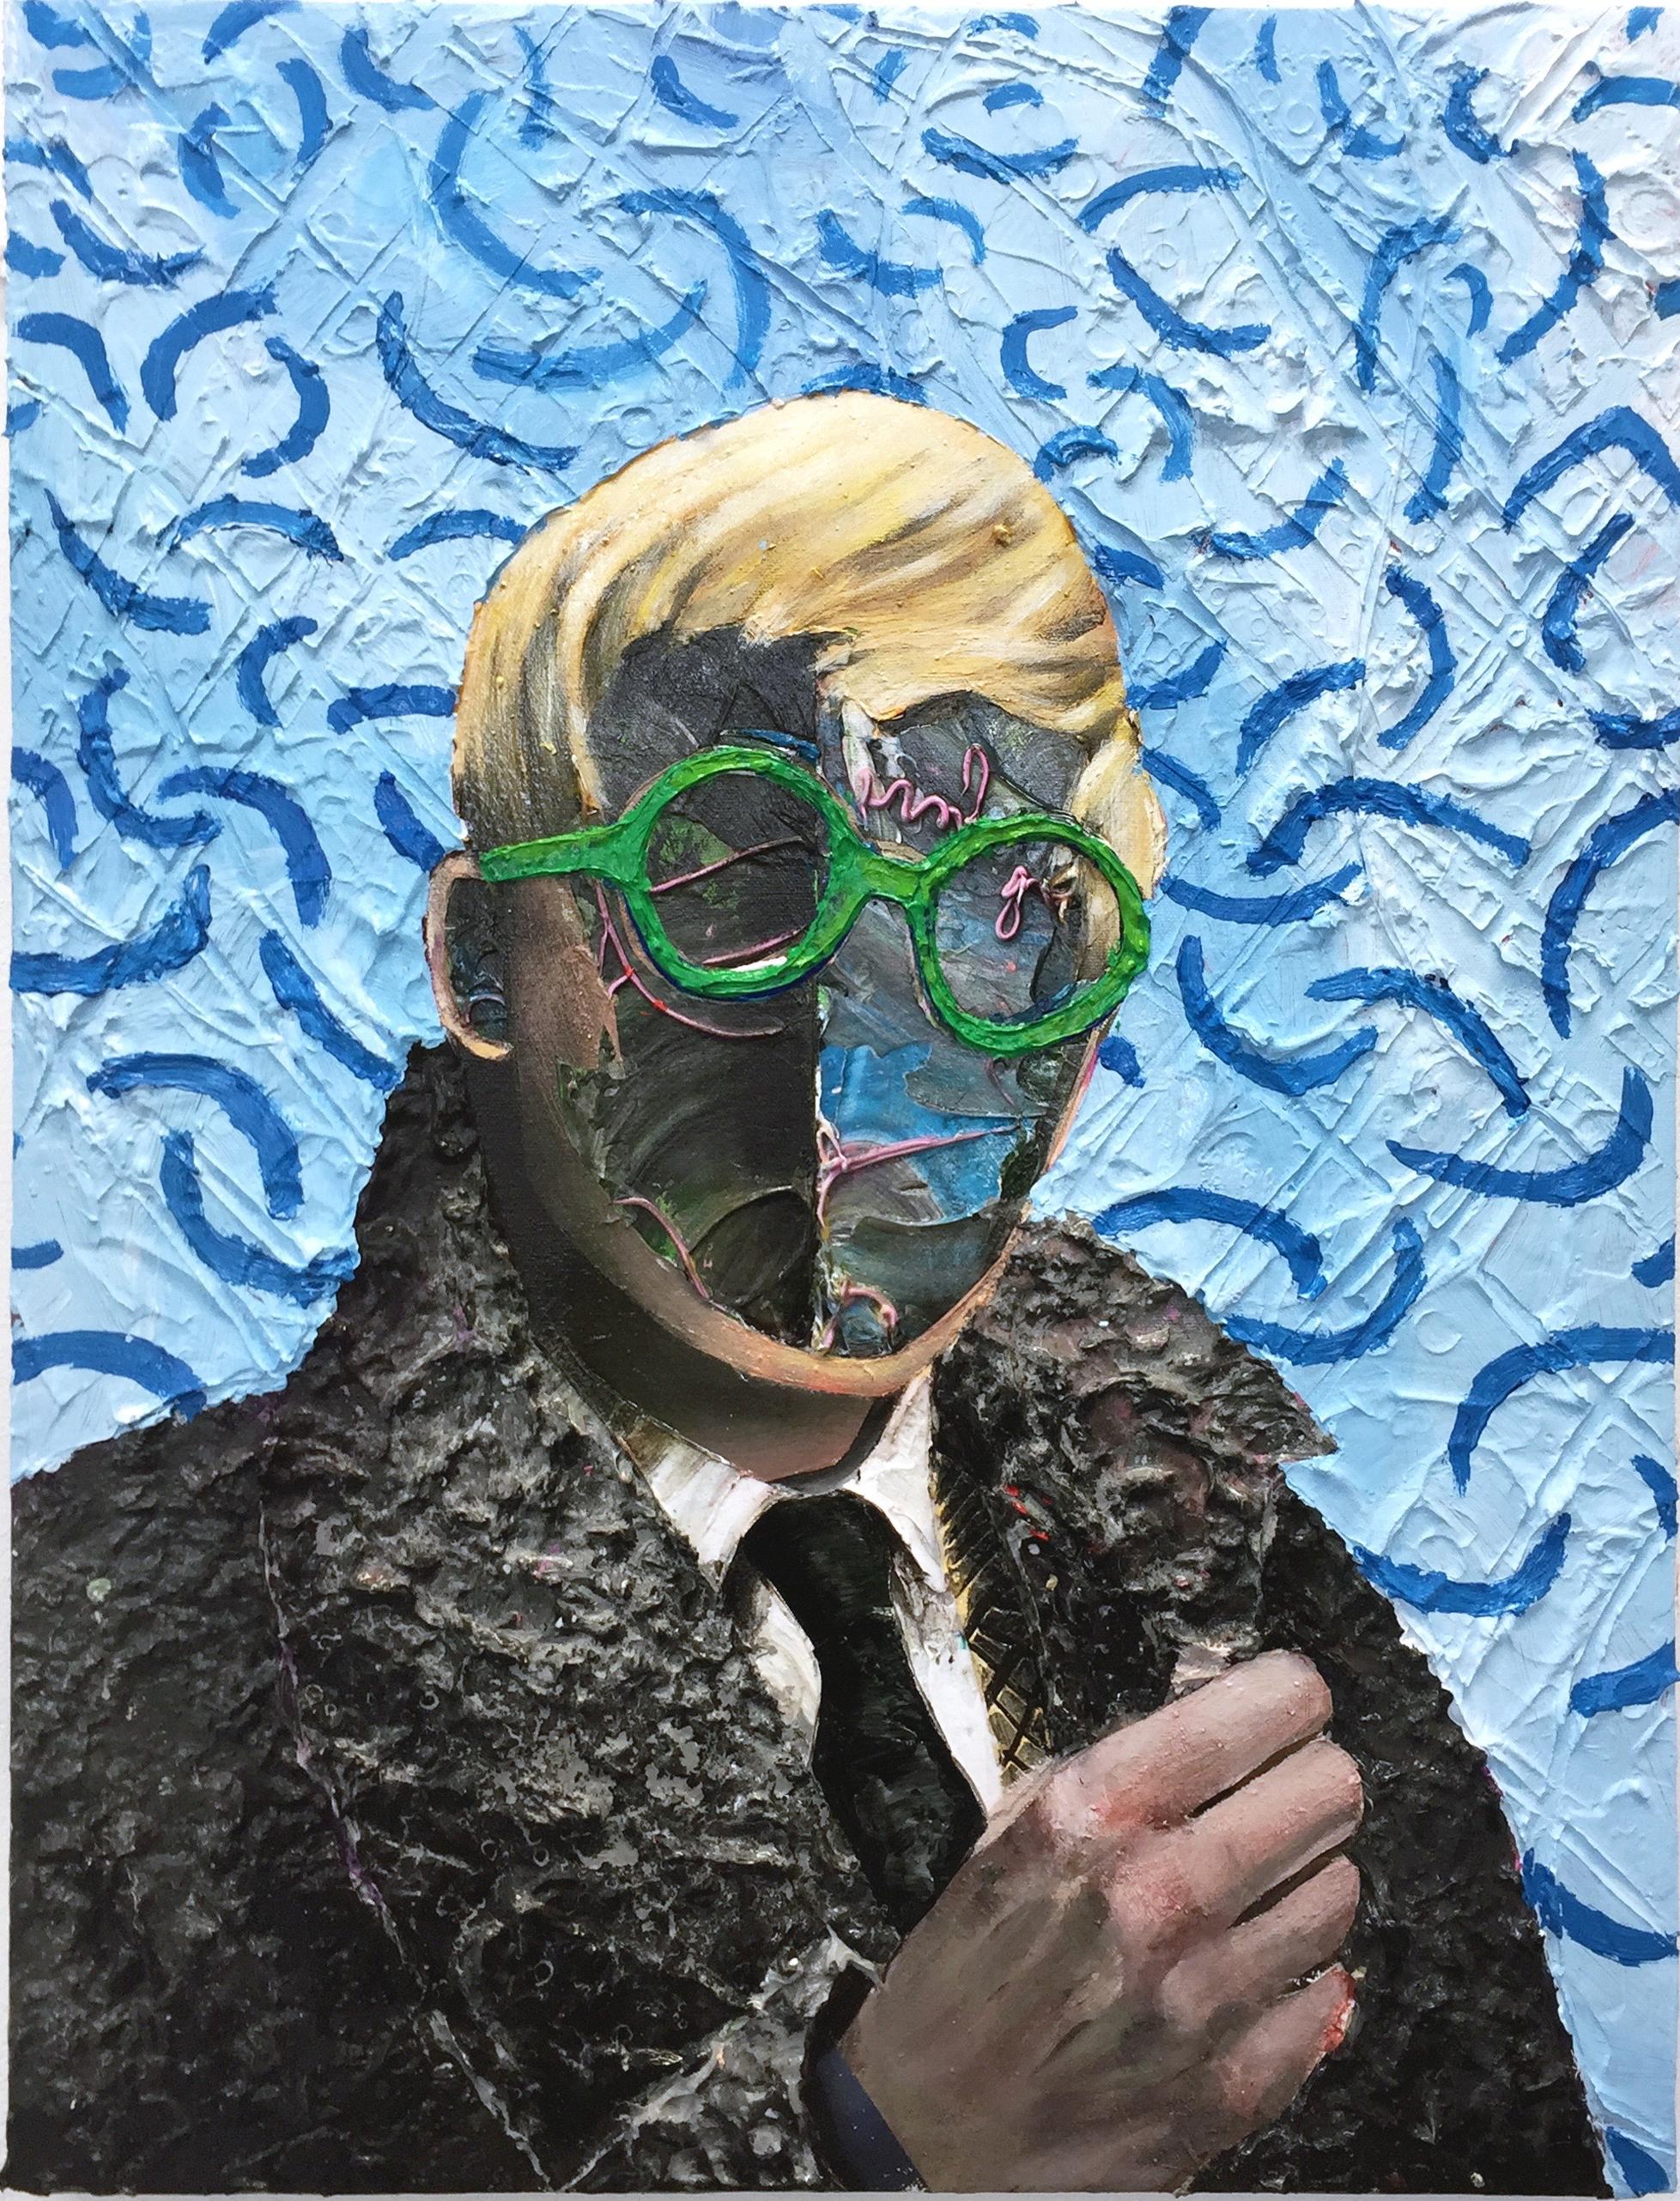 David Hockney 60x40 cm acrylics,sand,plaster on canvas on wood panel